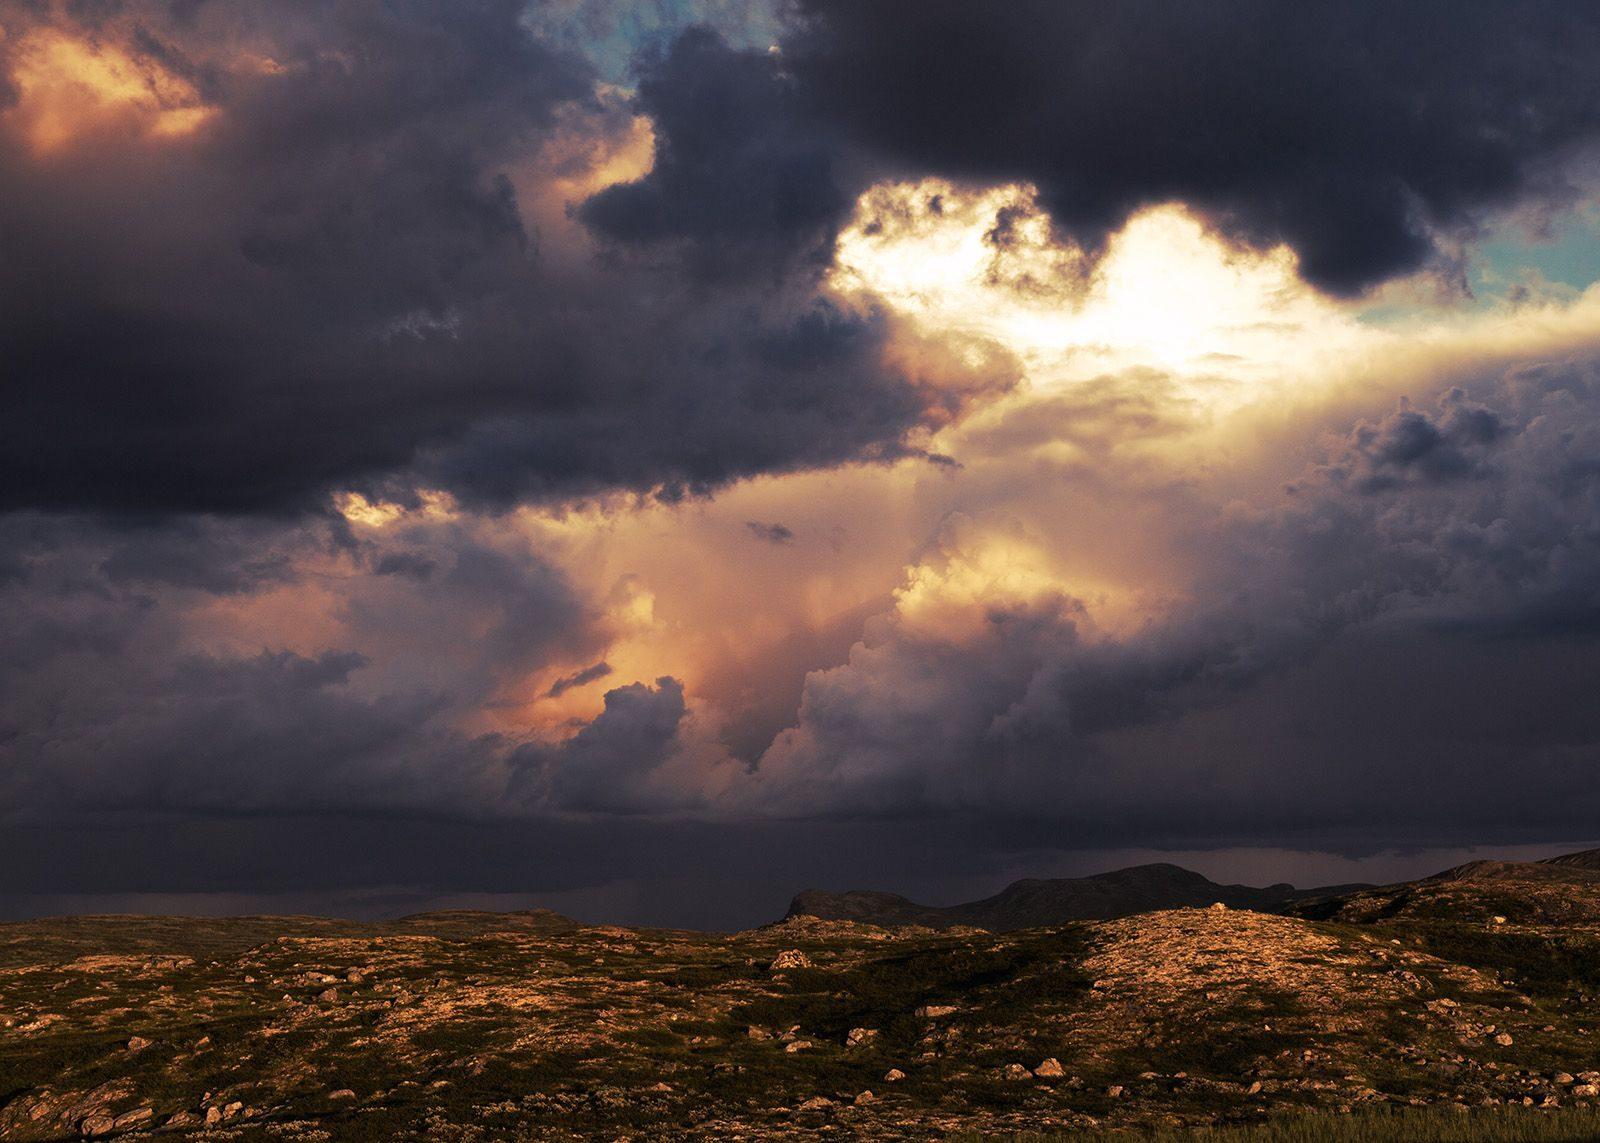 Regntunge skyer over Hardangervidda av Peder Aaserud Eikeland